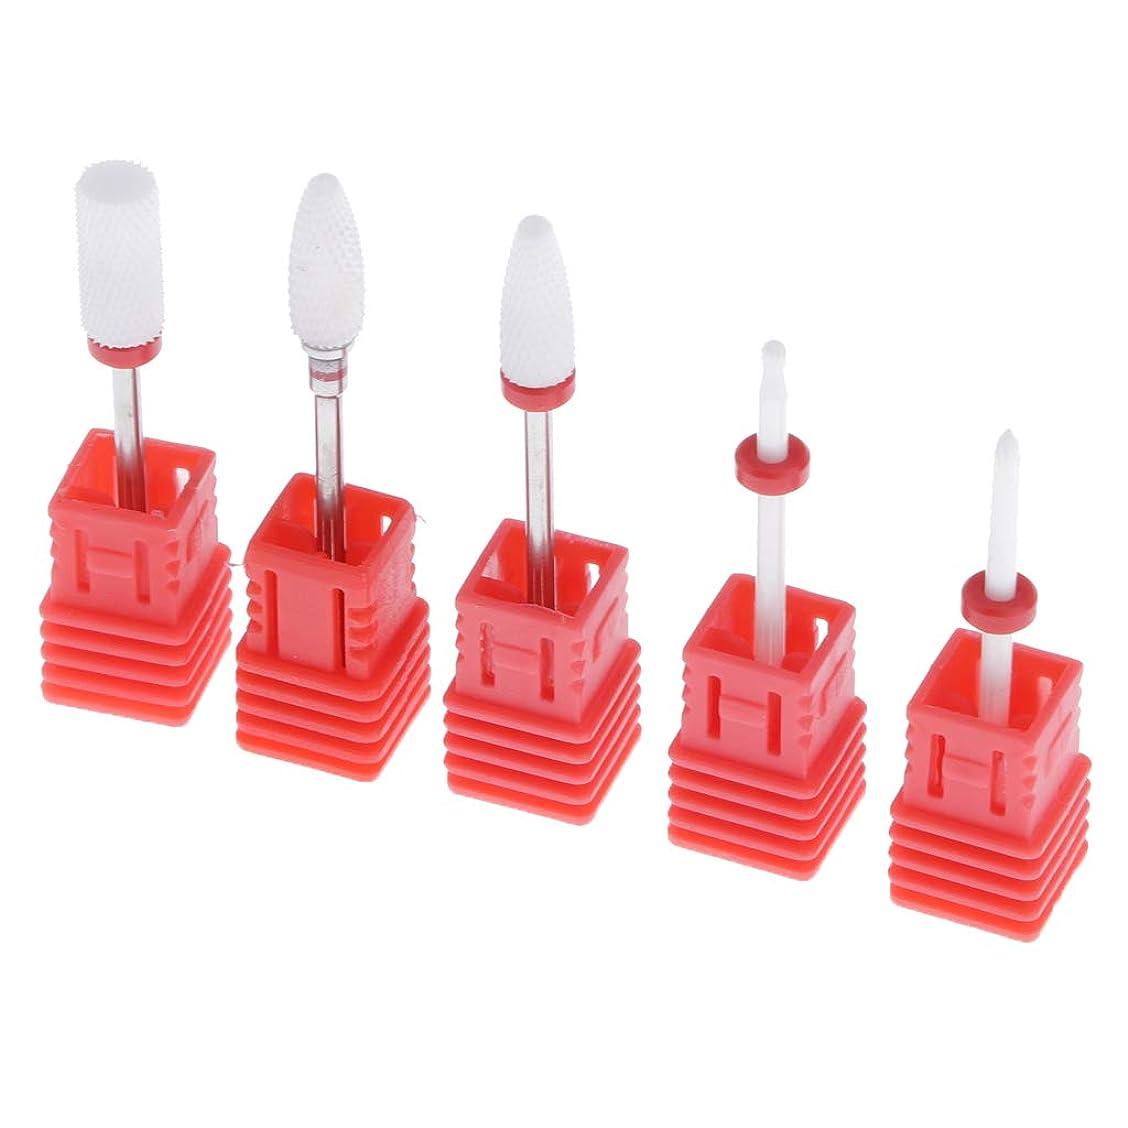 消費フロントチェスをするPerfeclan 陶磁器ドリルビット ネイルドリルビット ロータリーファイル 研削ネイル 切削工具 耐摩耗性 5個入